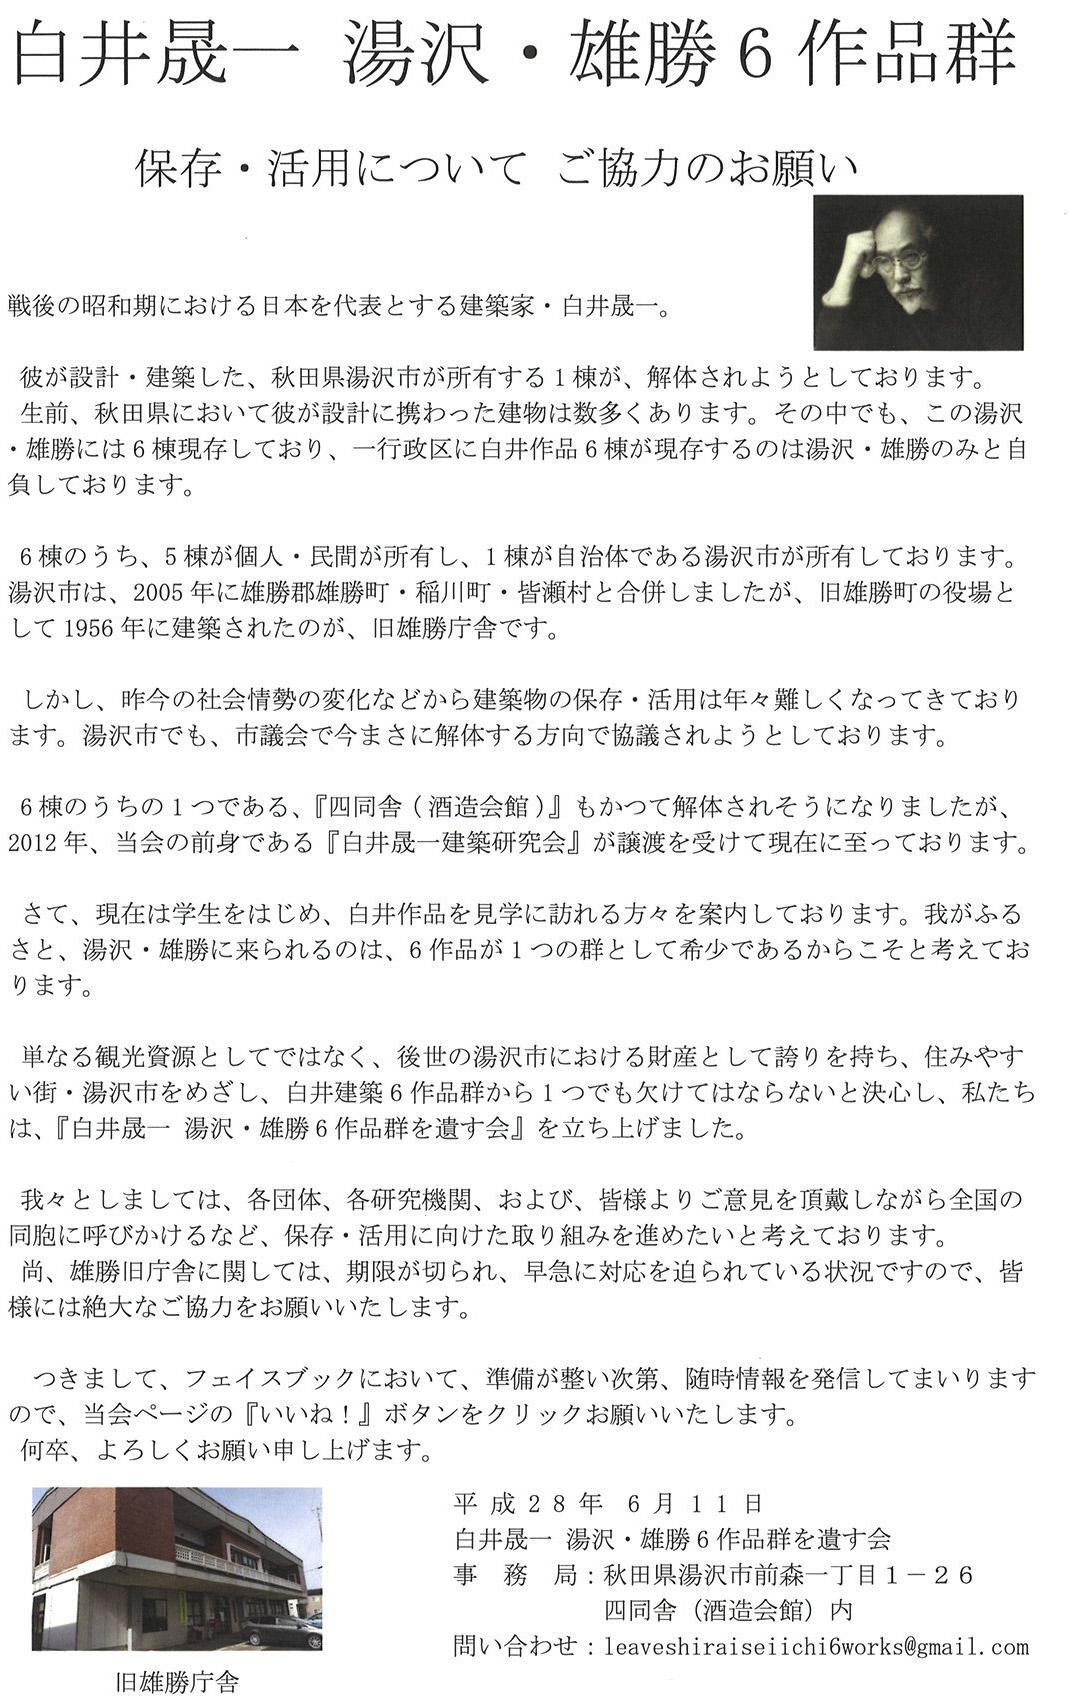 白井晟一 湯沢・雄勝6作品群を遺す会_e0054299_14372176.jpg